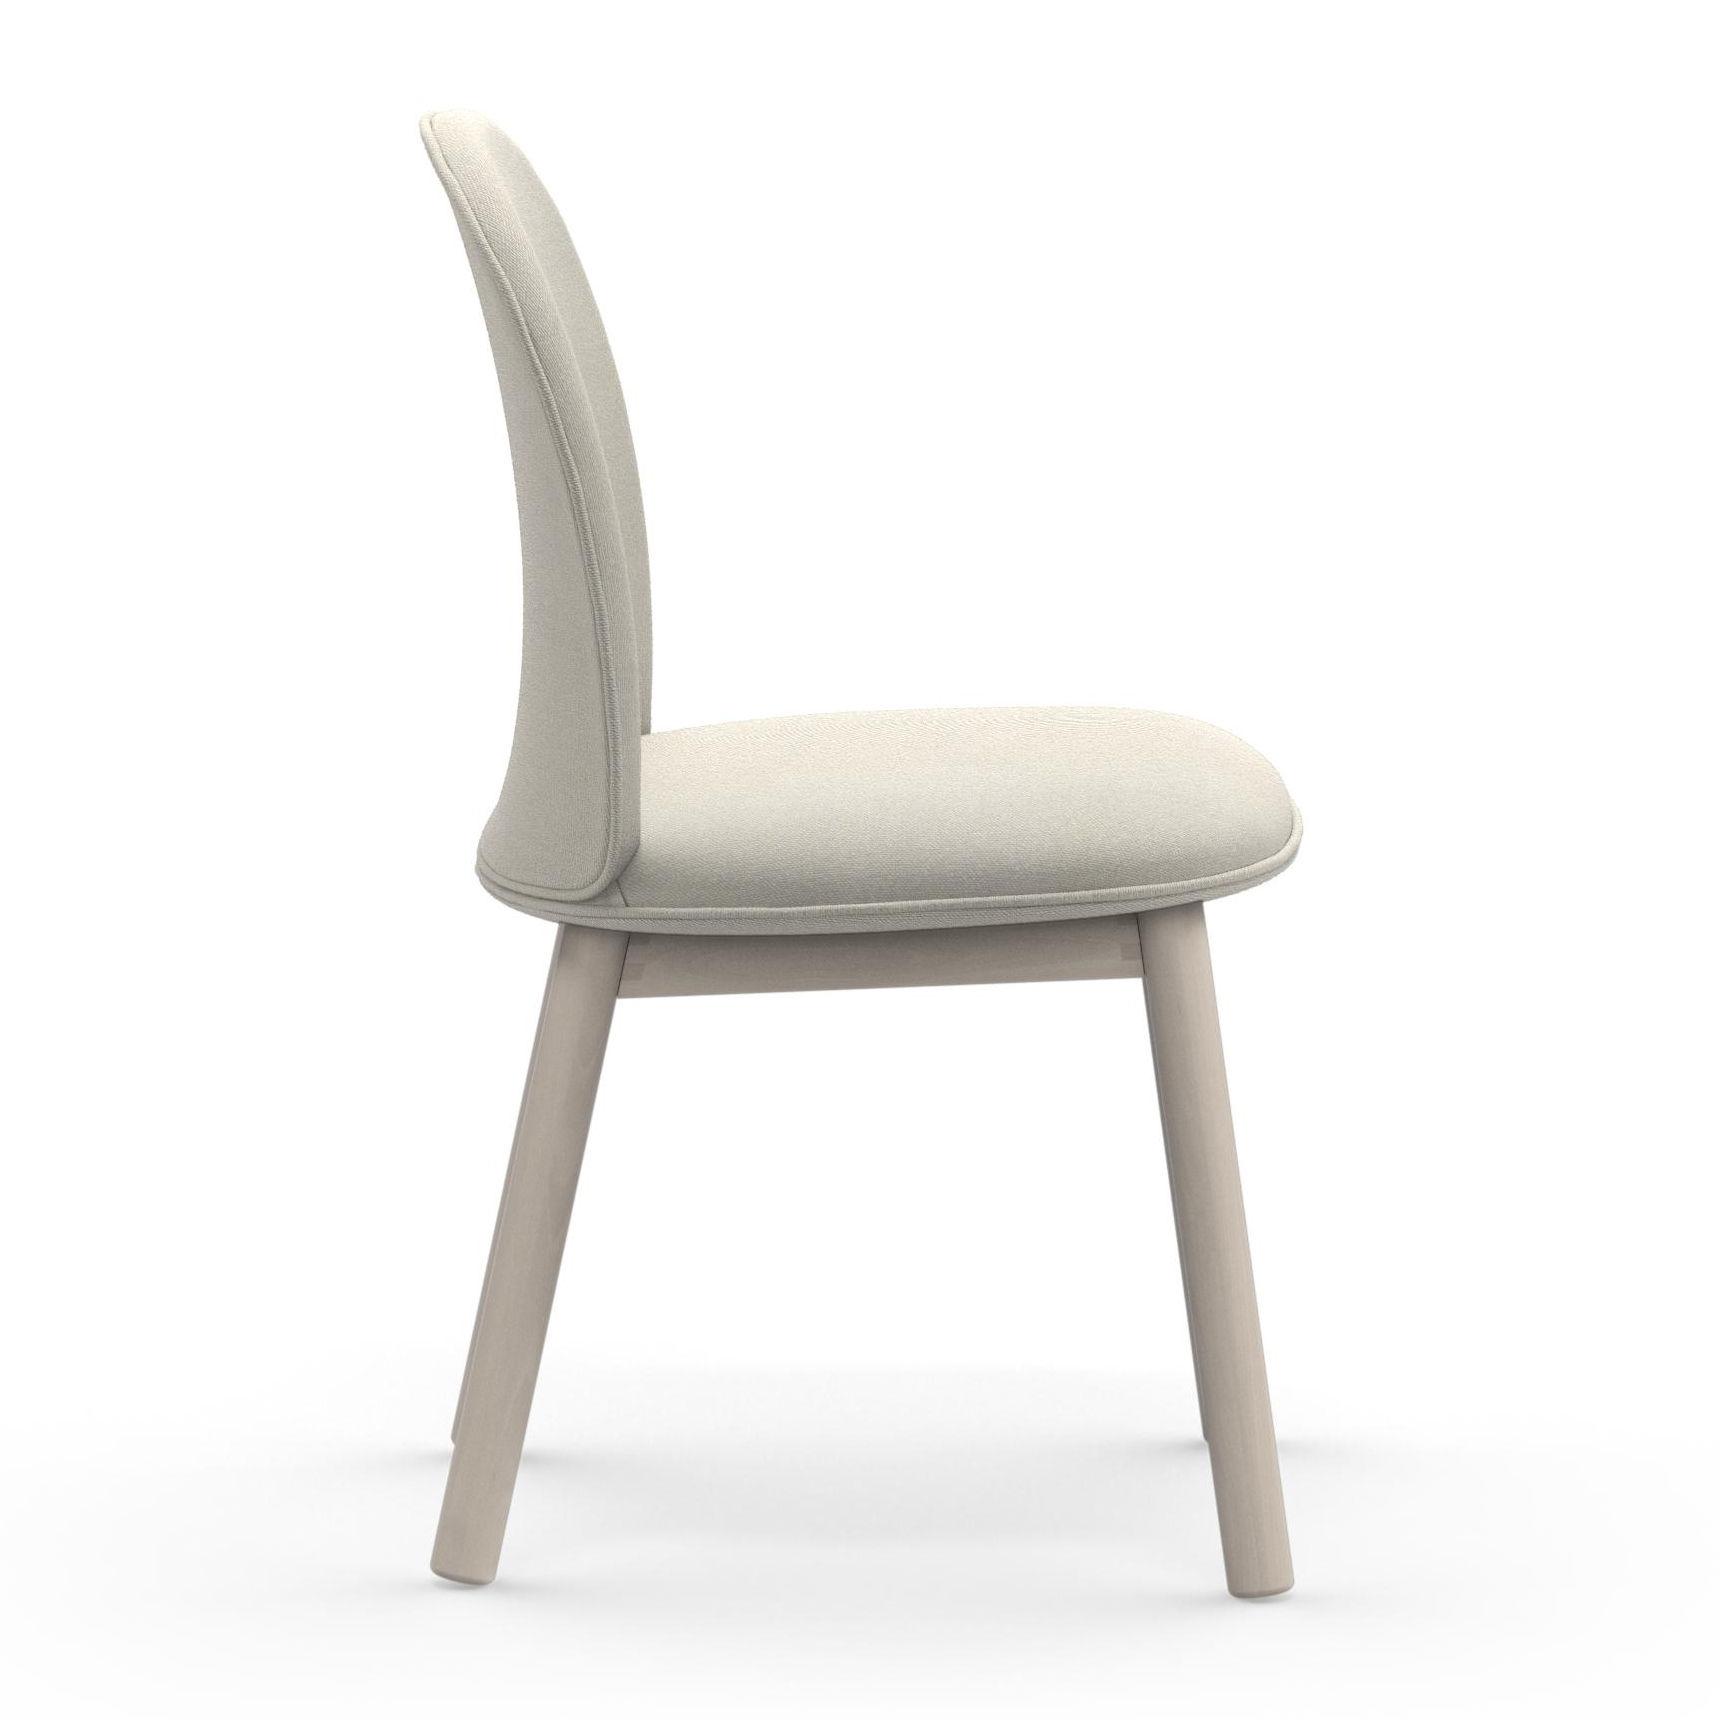 ace gepolsterter stuhl stoff holz beigefarbener stoff by normann copenhagen made in design. Black Bedroom Furniture Sets. Home Design Ideas